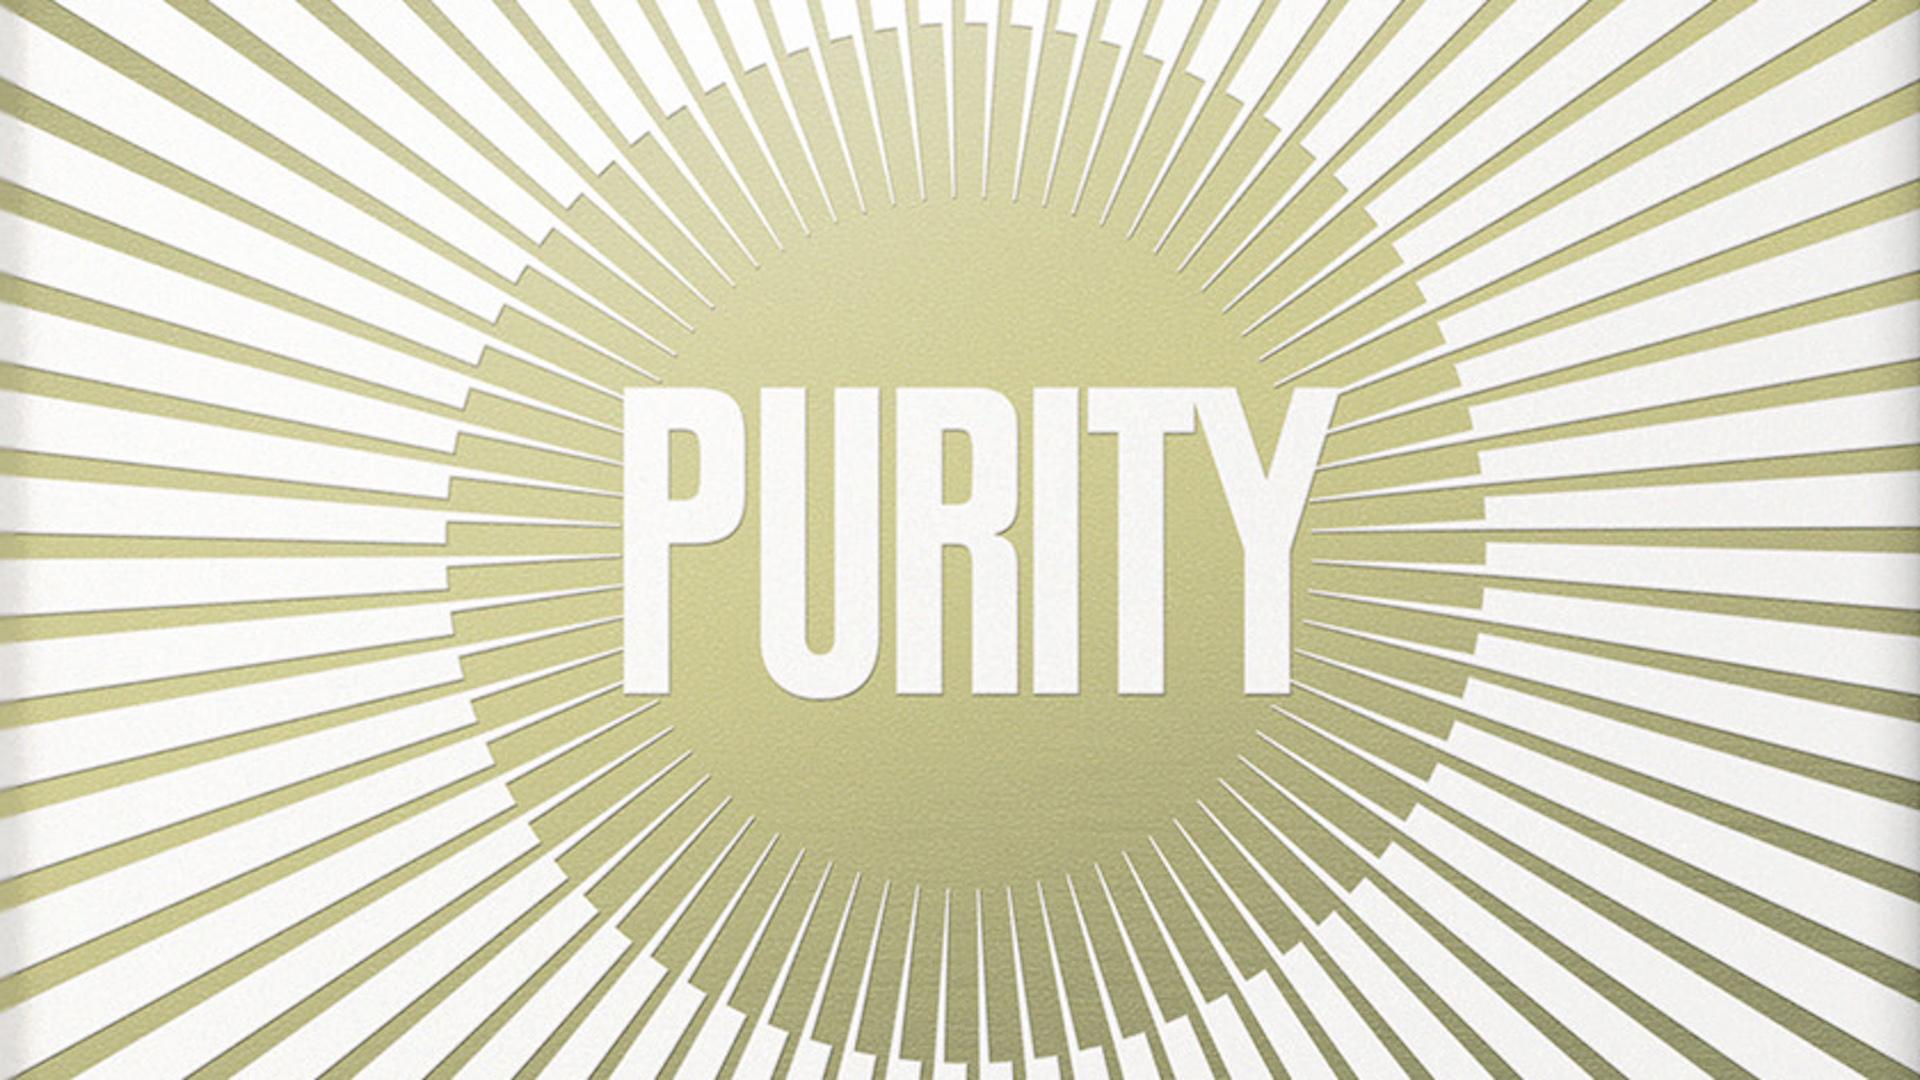 jonathan_franzen-purity-2015-international_cover